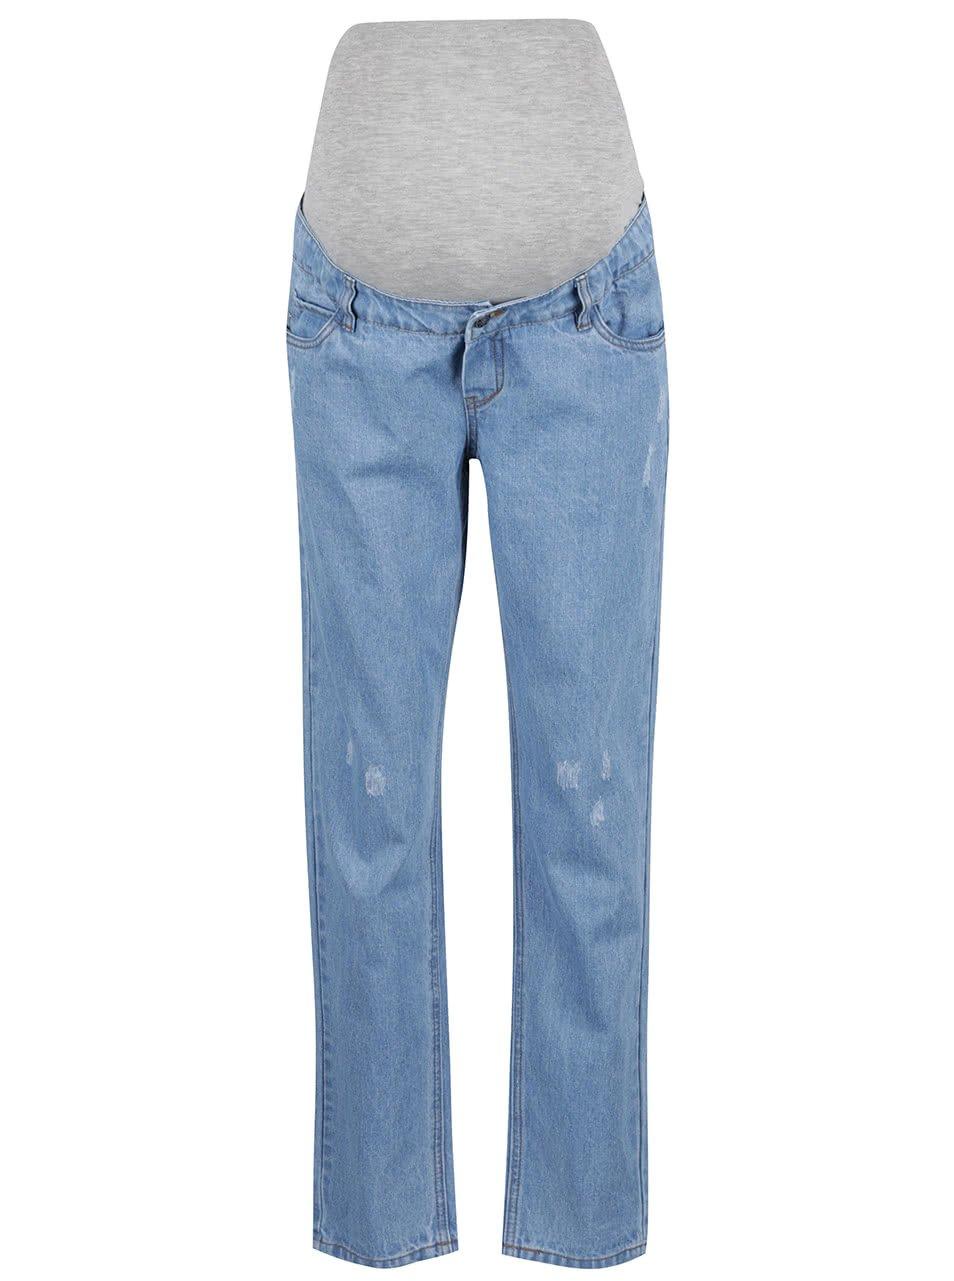 Světle modré těhotenské džíny Mama.licious West